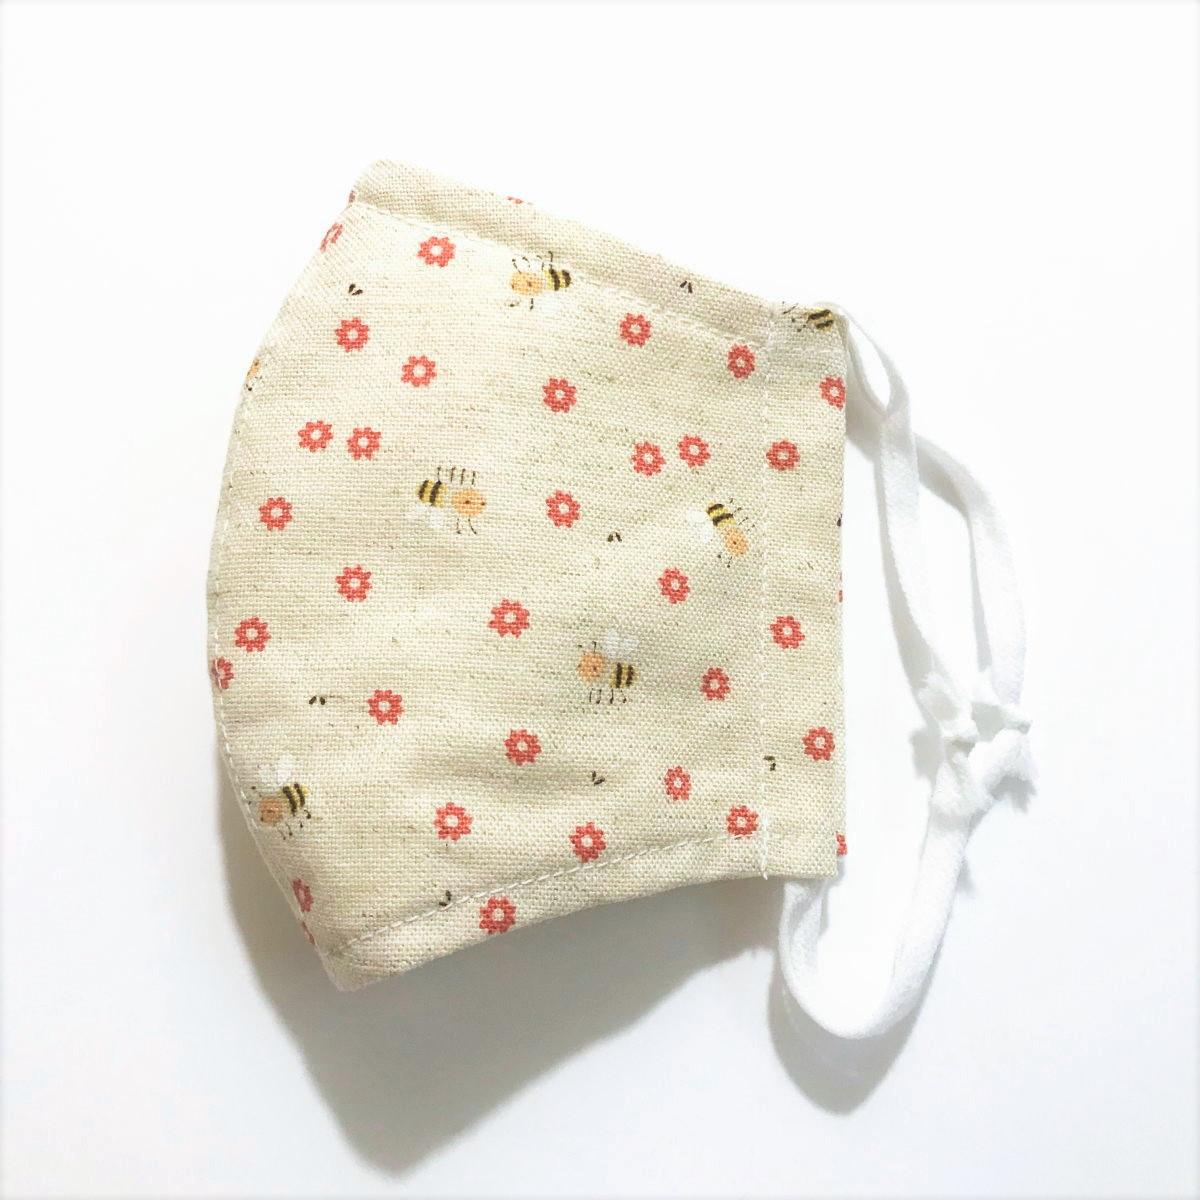 洗える立体布マスク*花柄*Sサイズ